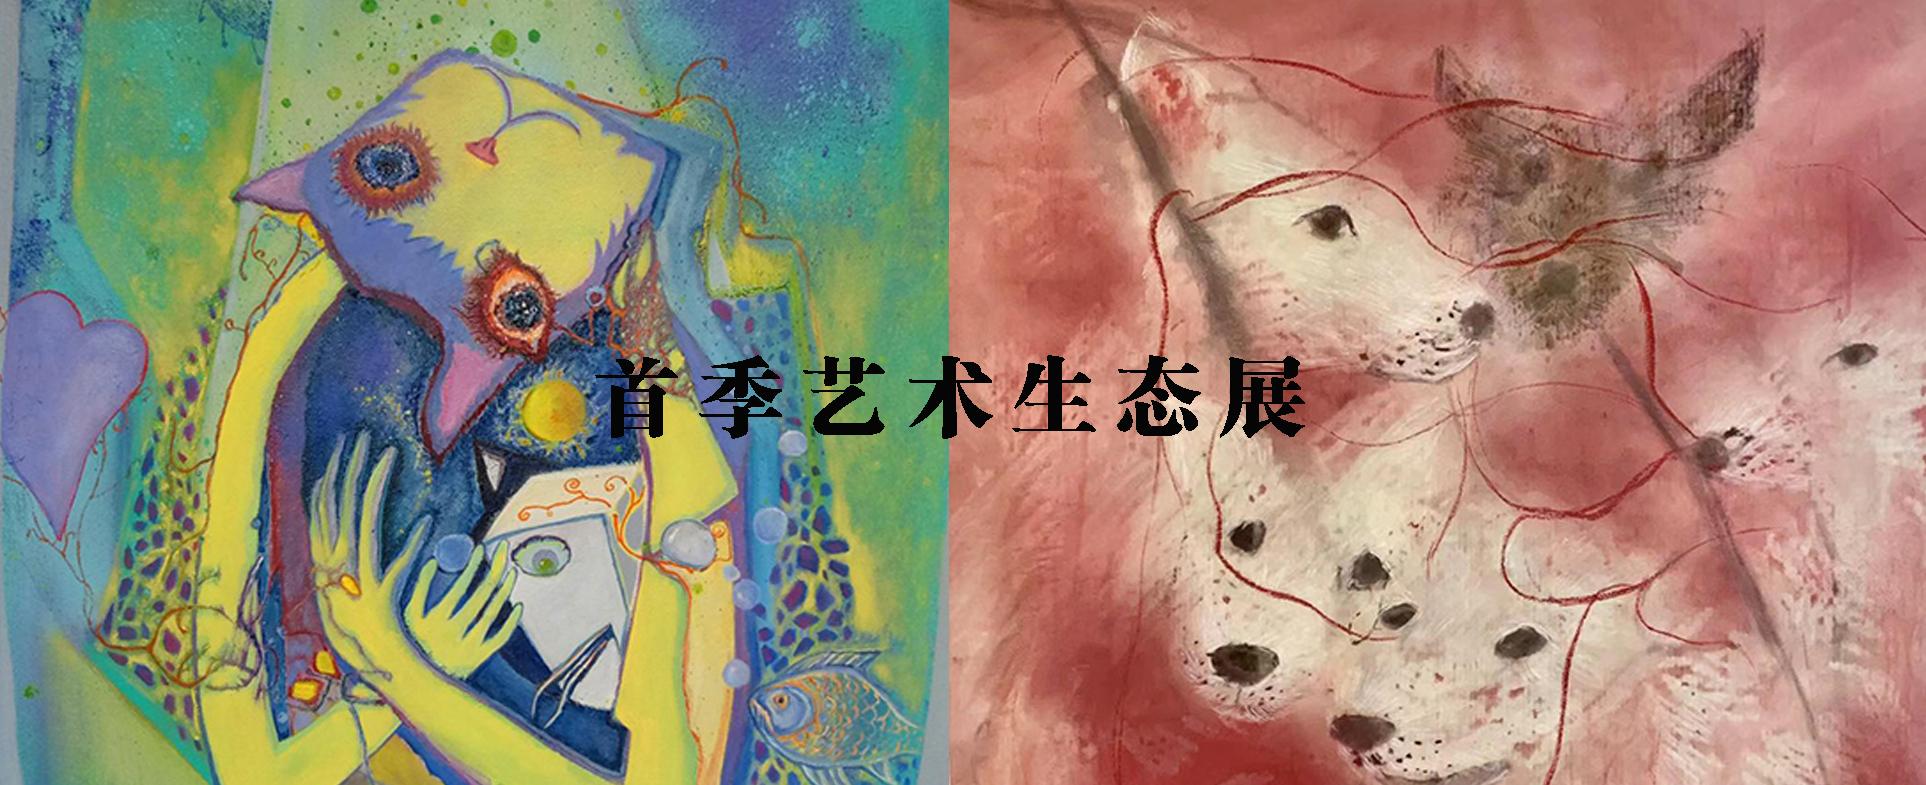 3 展讯 首季艺术生态展将于8月19日强势登陆上海古北